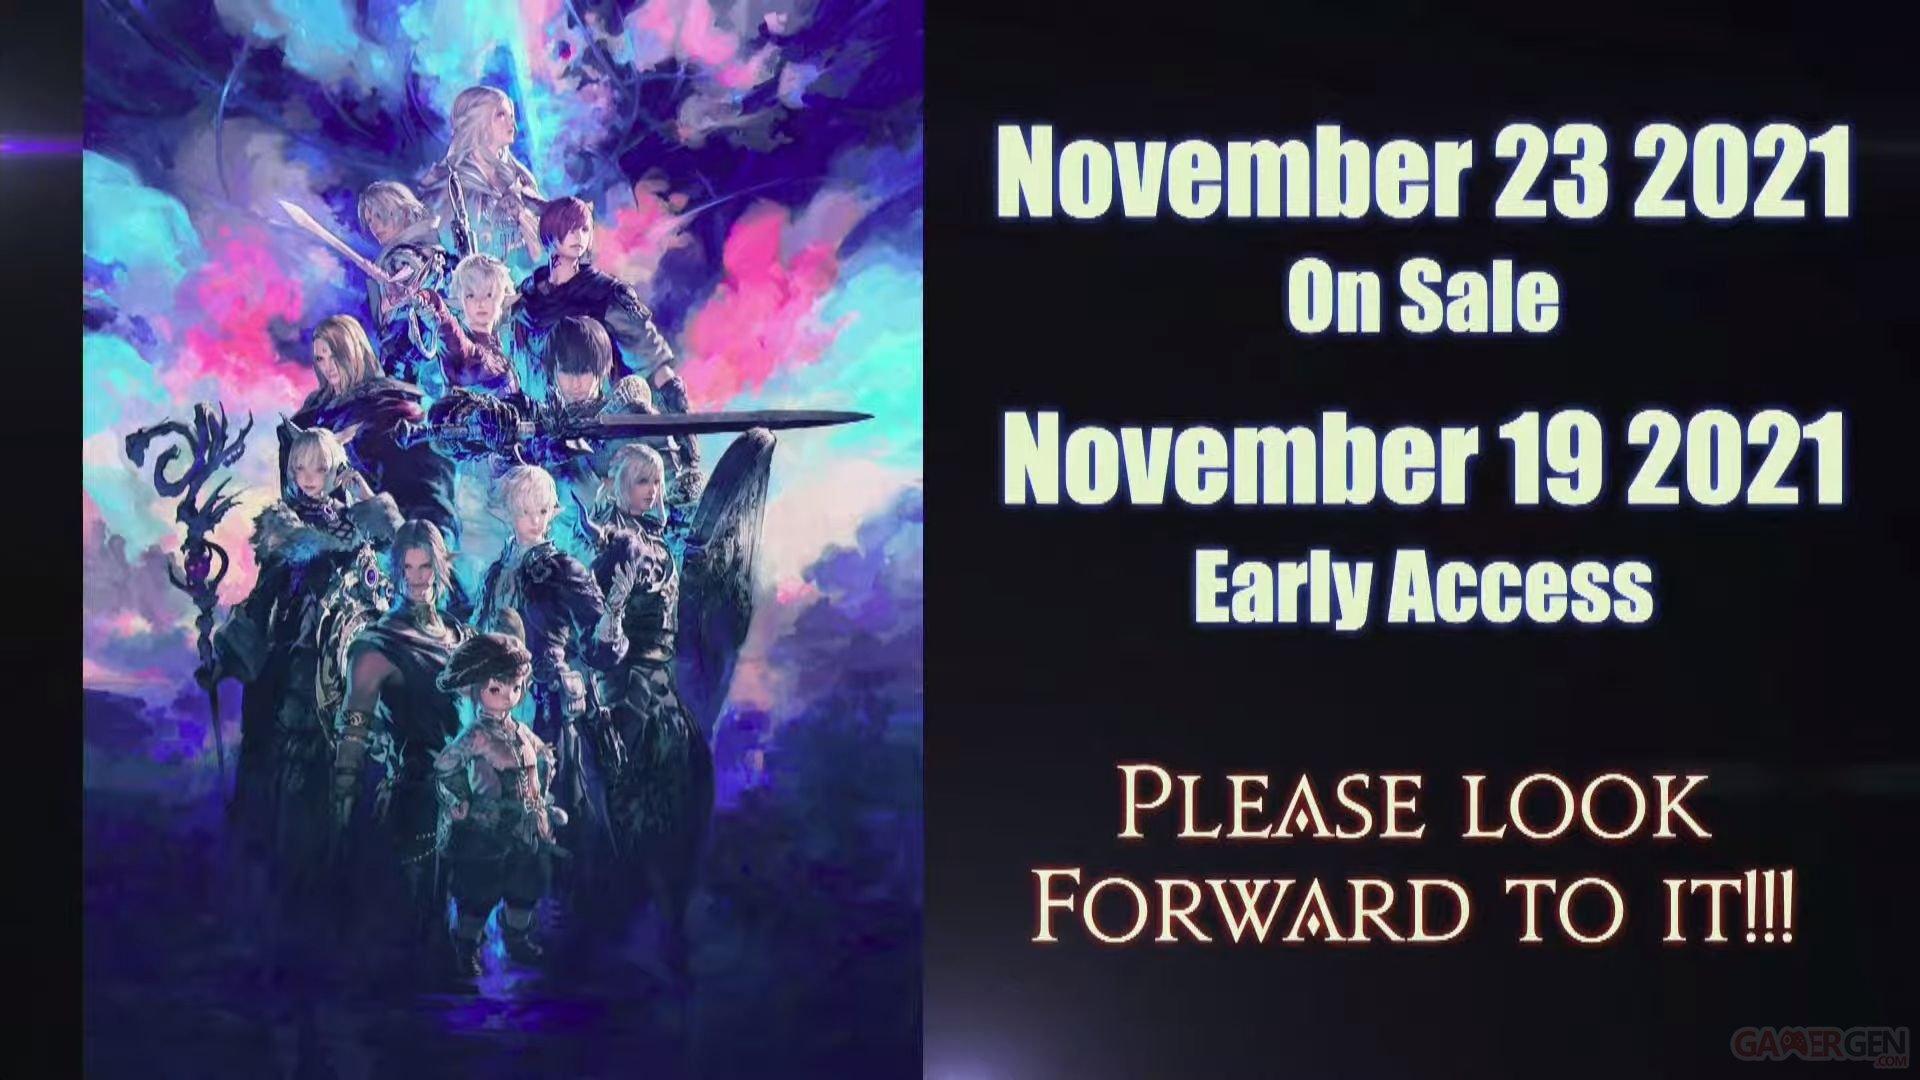 Final fantasy xiv date de sortie, early access